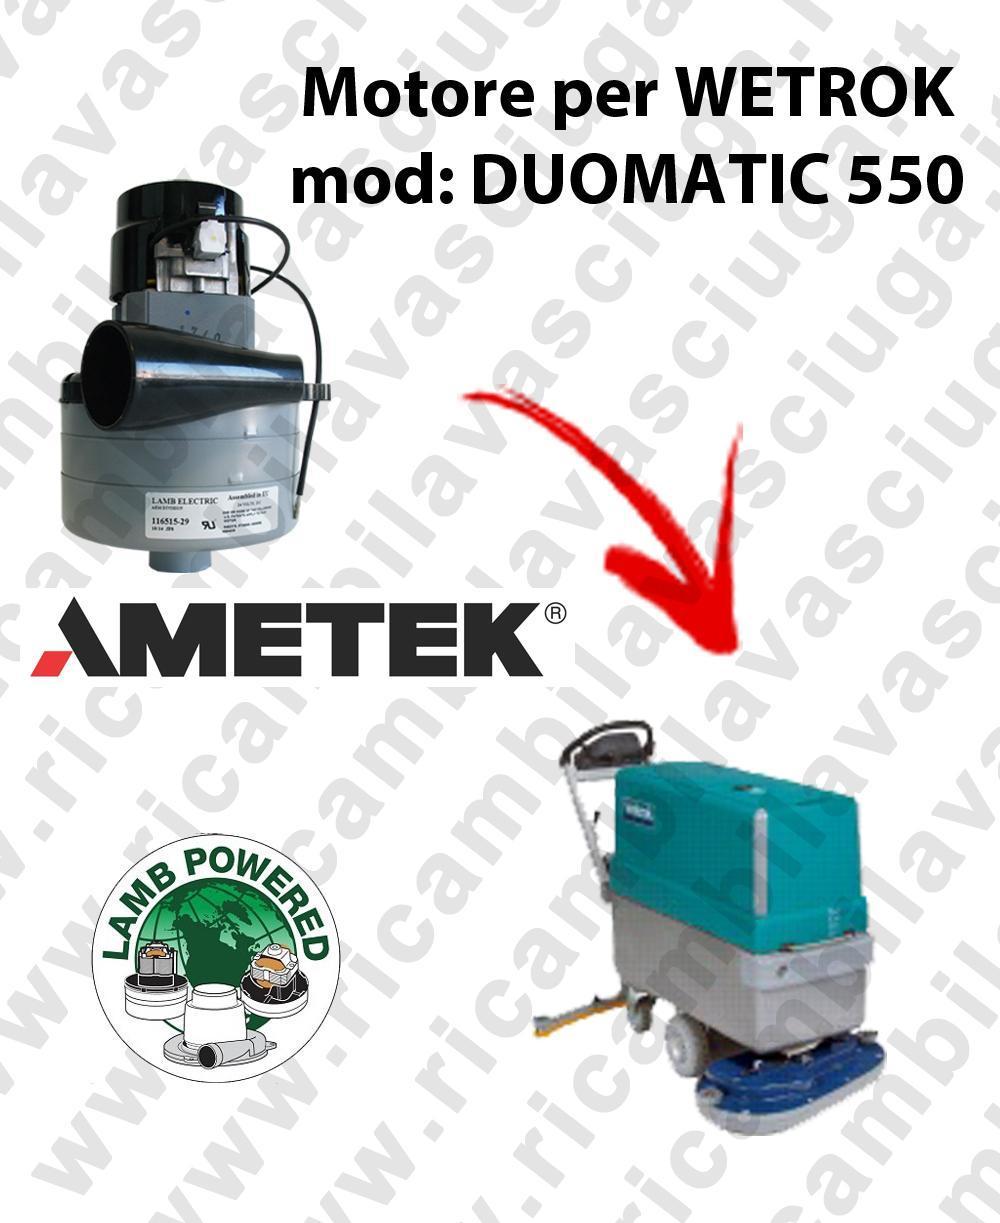 DUOMATIC 550 Motore de aspiración LAMB AMETEK para fregadora WETROK